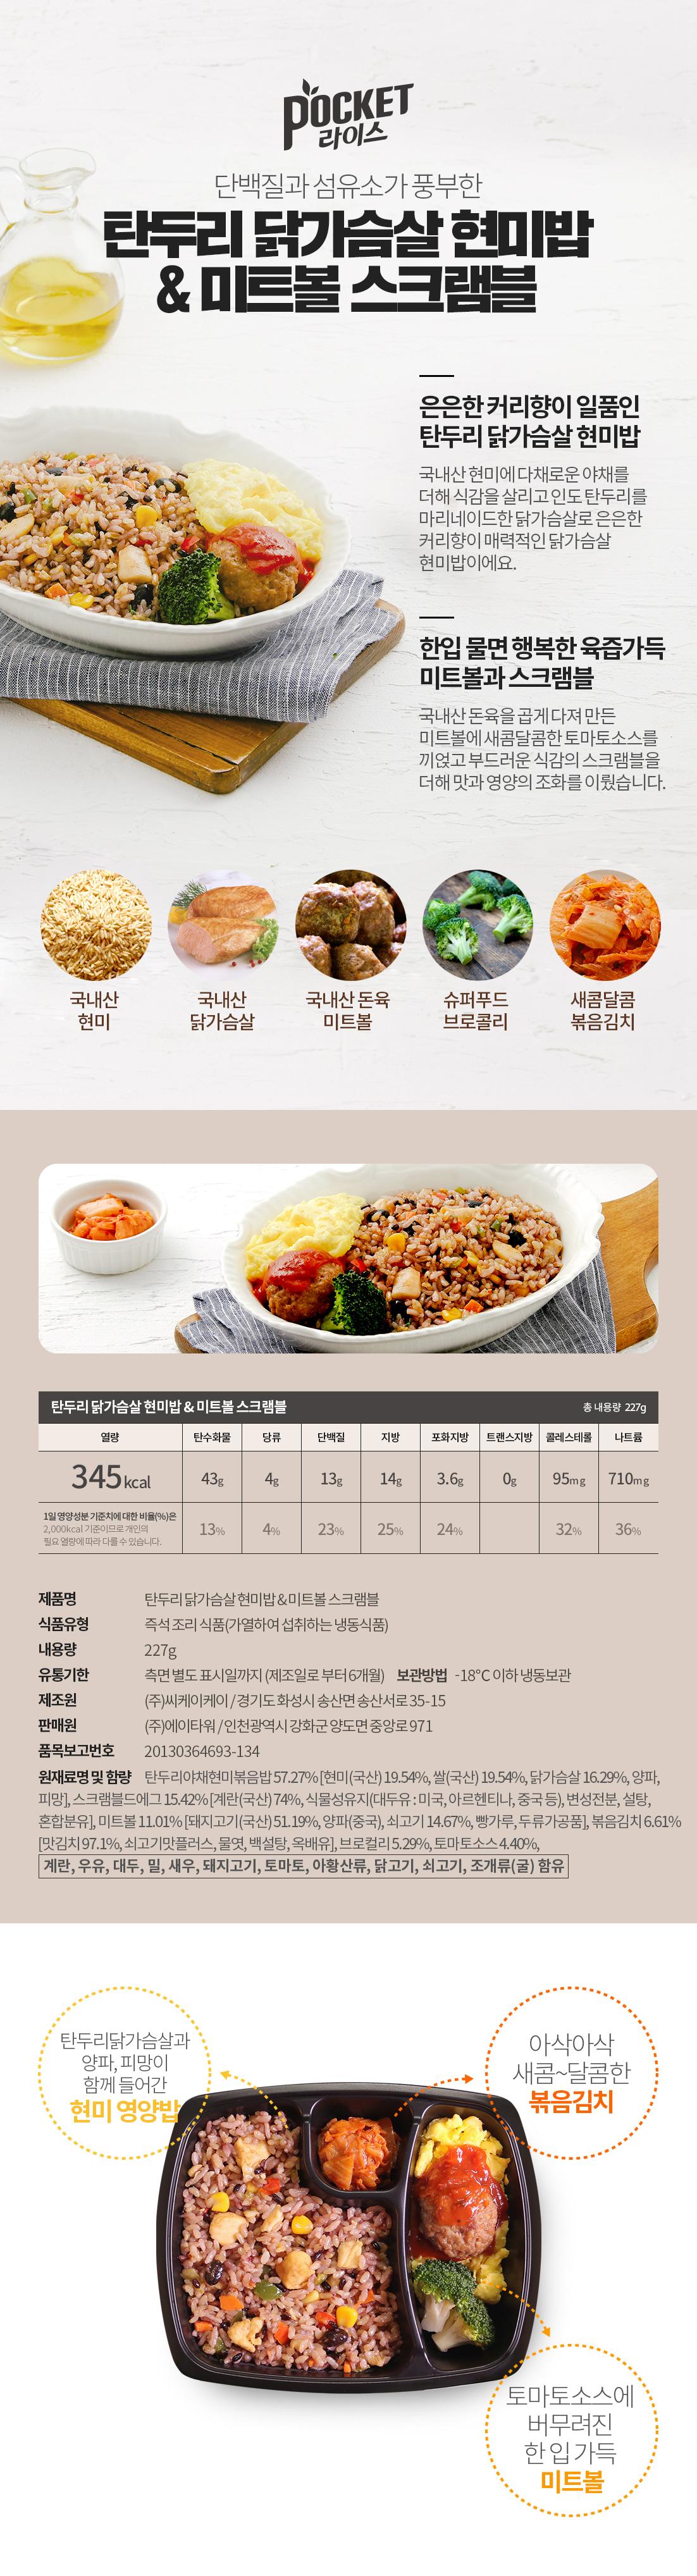 탄두리닭가슴살현미밥&미트볼 스크램블